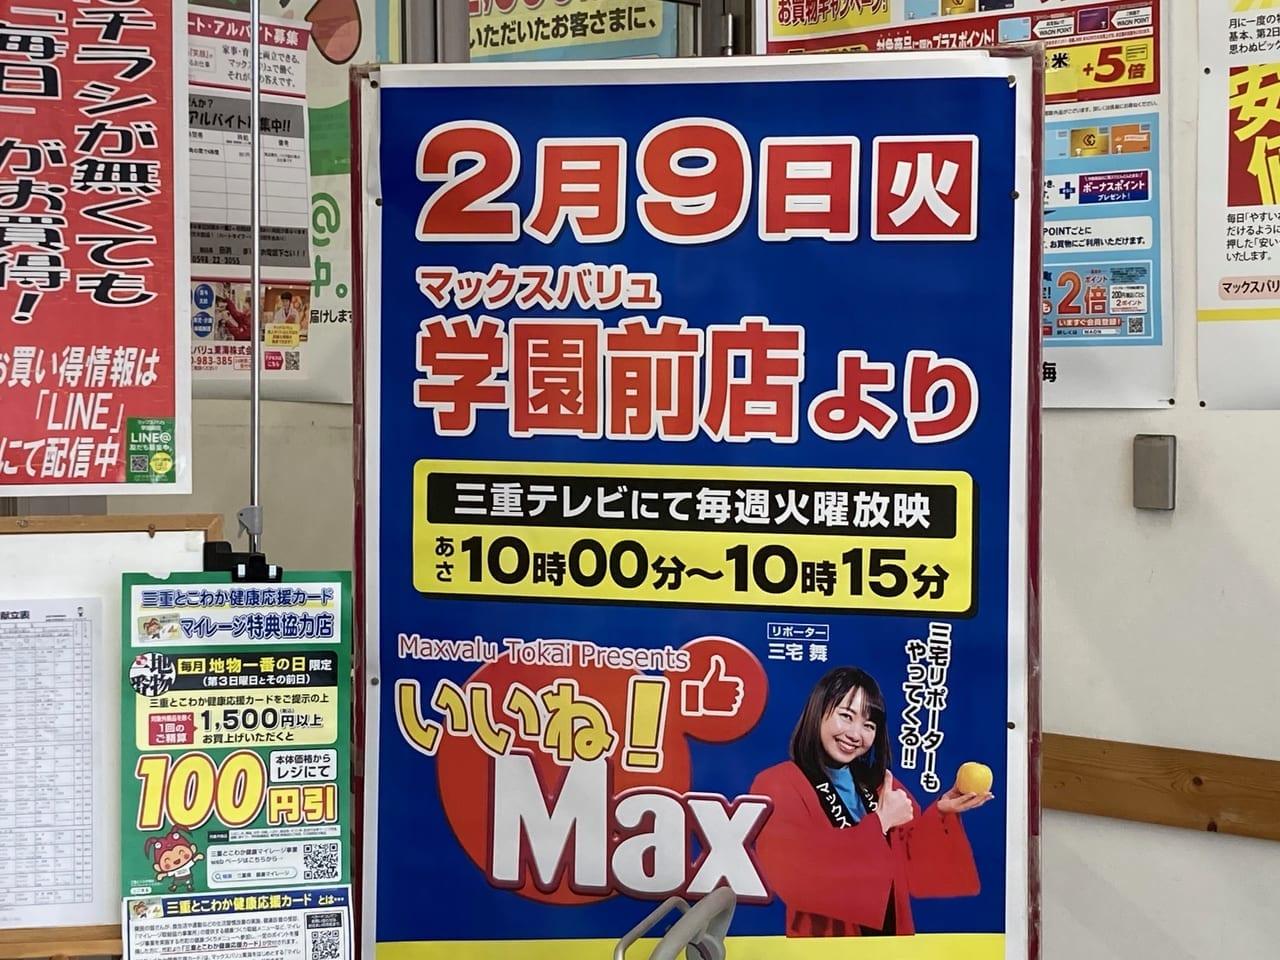 2021年2月9日三重テレビいいね!MAX生中継のポスター